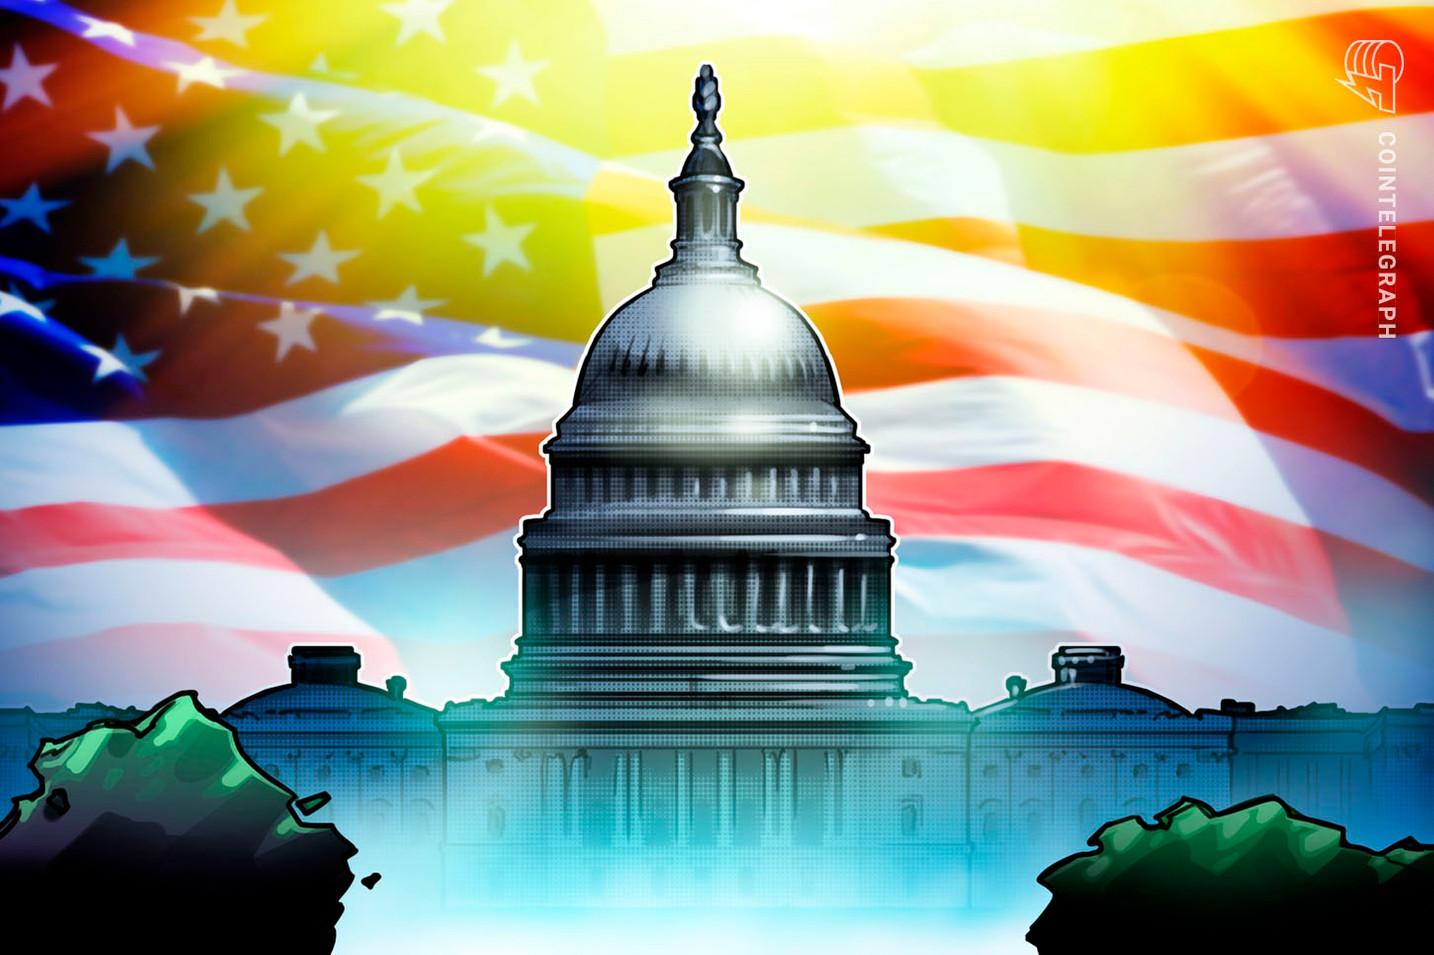 Legisladores de Estados Unidos reintroducen la Ley de Taxonomía de Token para excluir a las criptos de las leyes de valores